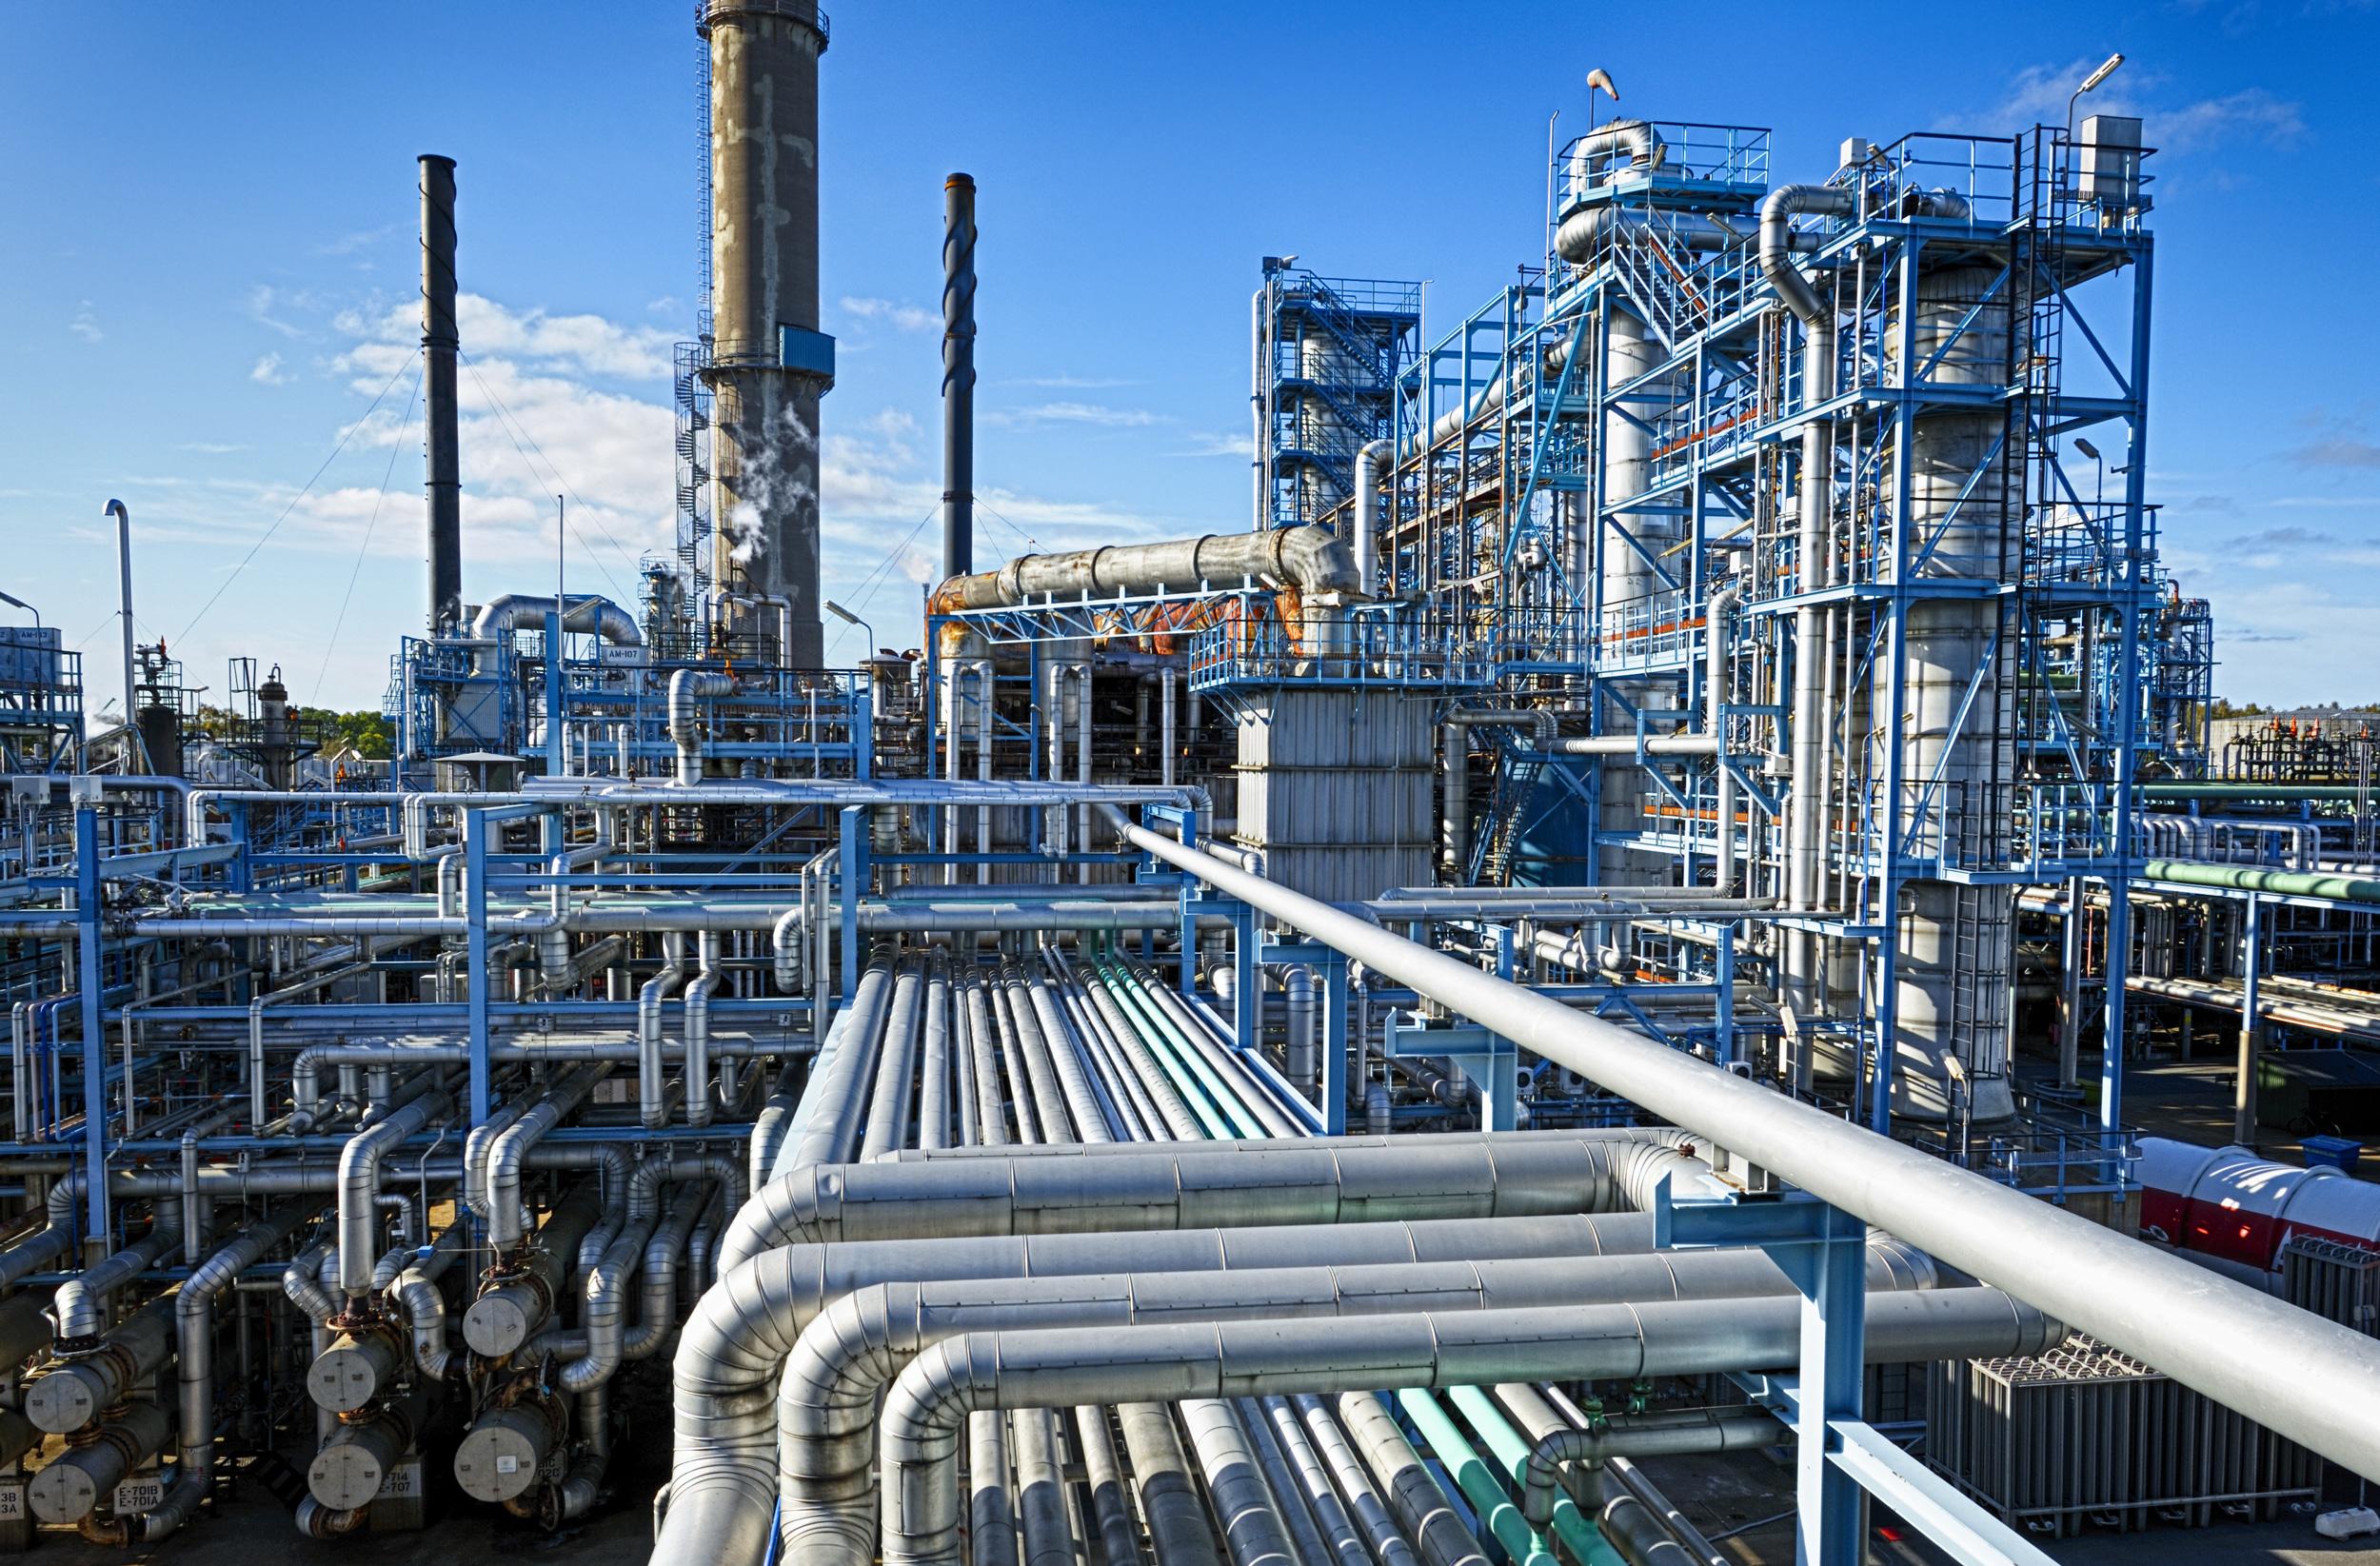 Krailling Oils Development GmbH